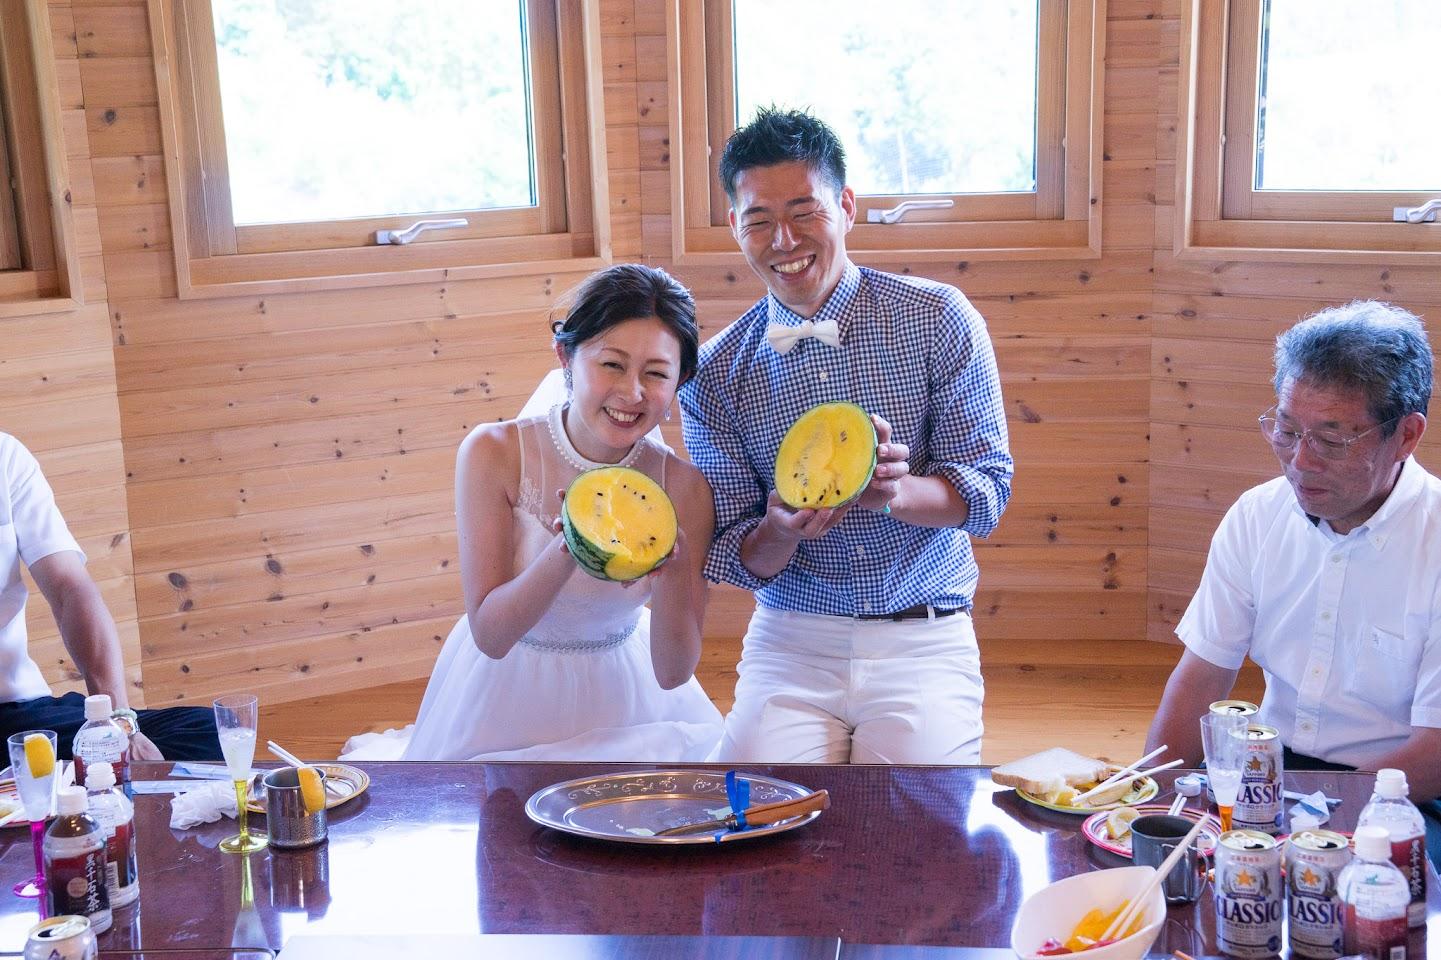 黄色いひまわりスイカも祝福